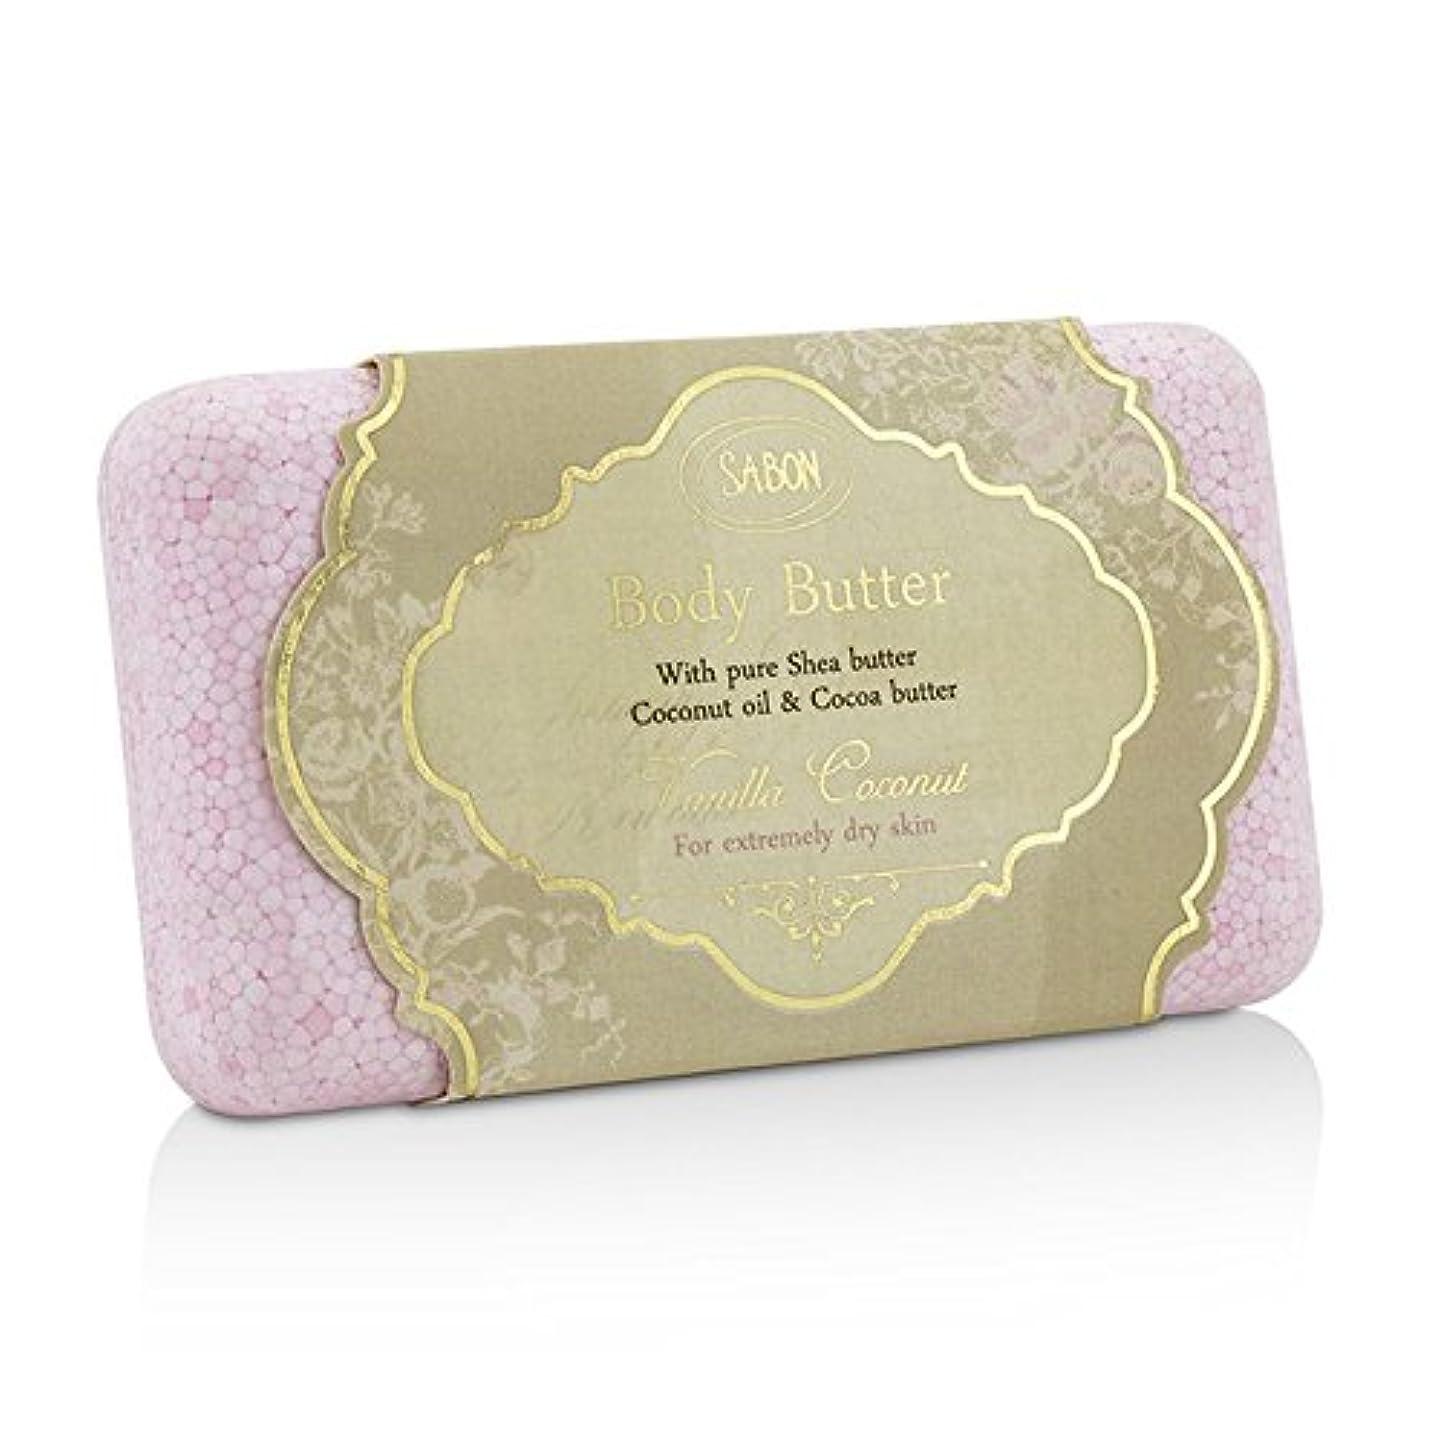 アンビエント単に別のサボン Body Butter (For Extremely Dry Skin) - Vanilla Coconut 100g/3.53oz並行輸入品